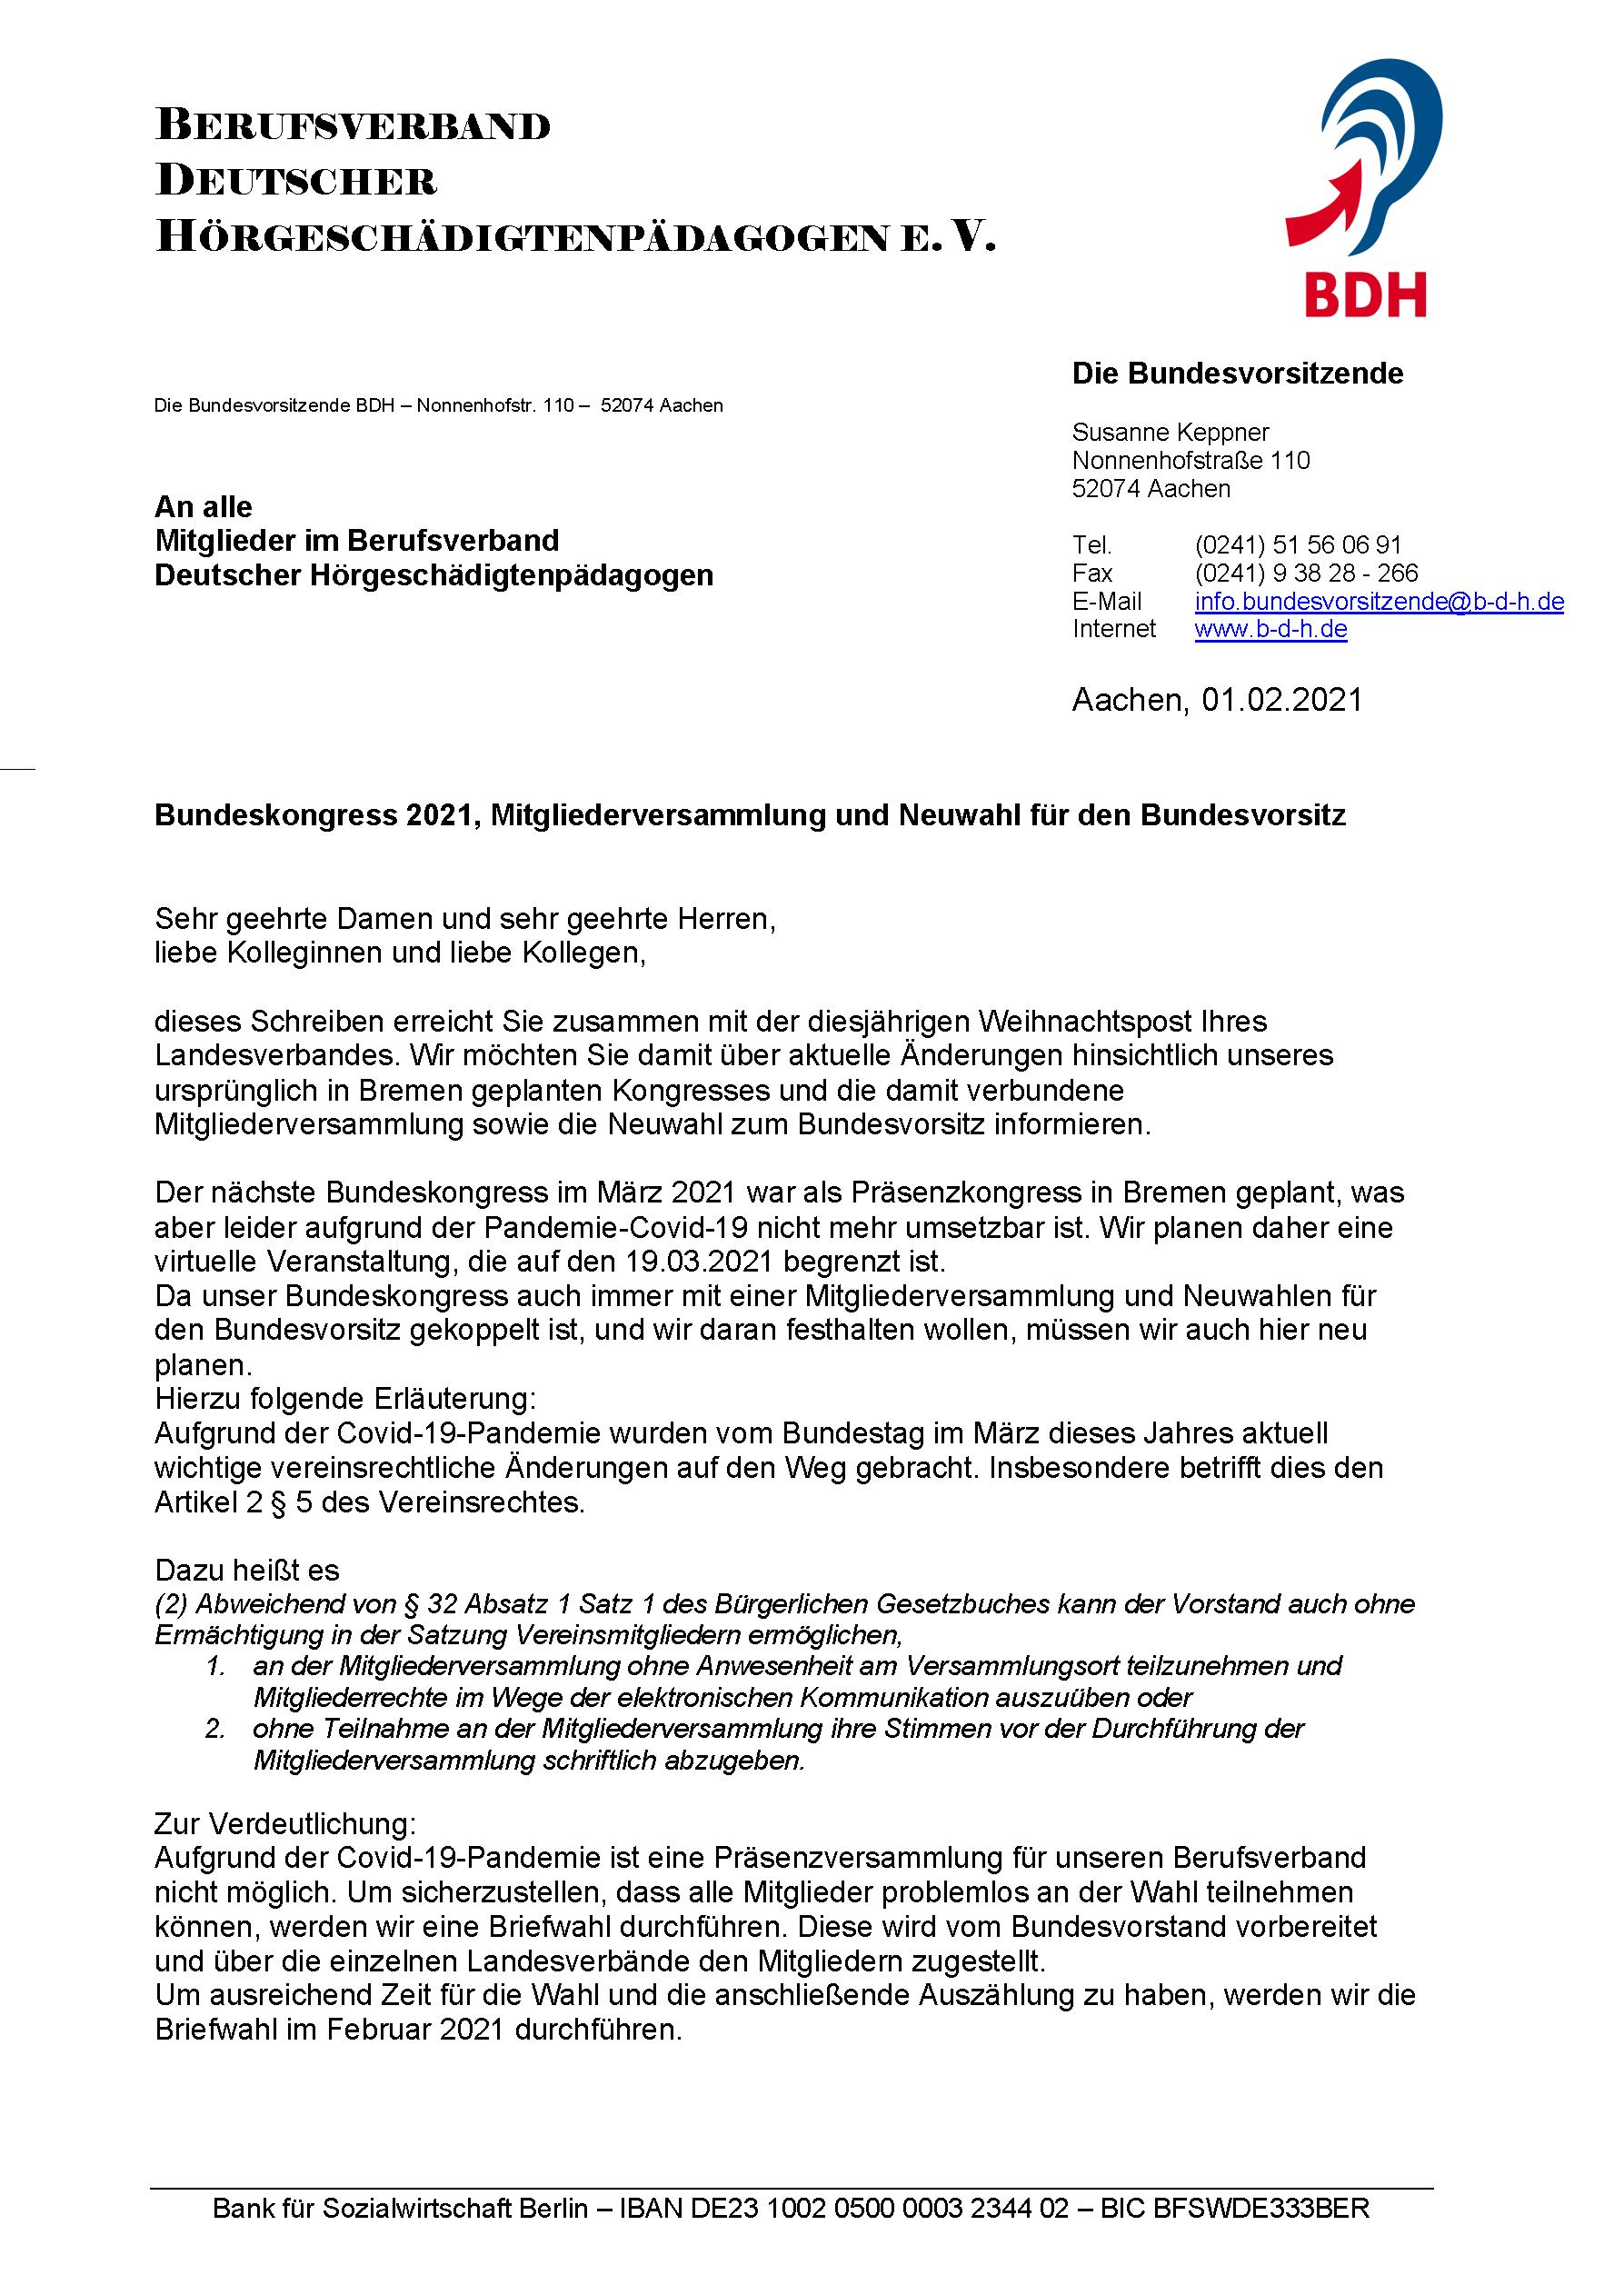 BDH-Bundeskongress 2021, Mitgliederversammlung und Neuwahl für den Bundesvorsitz